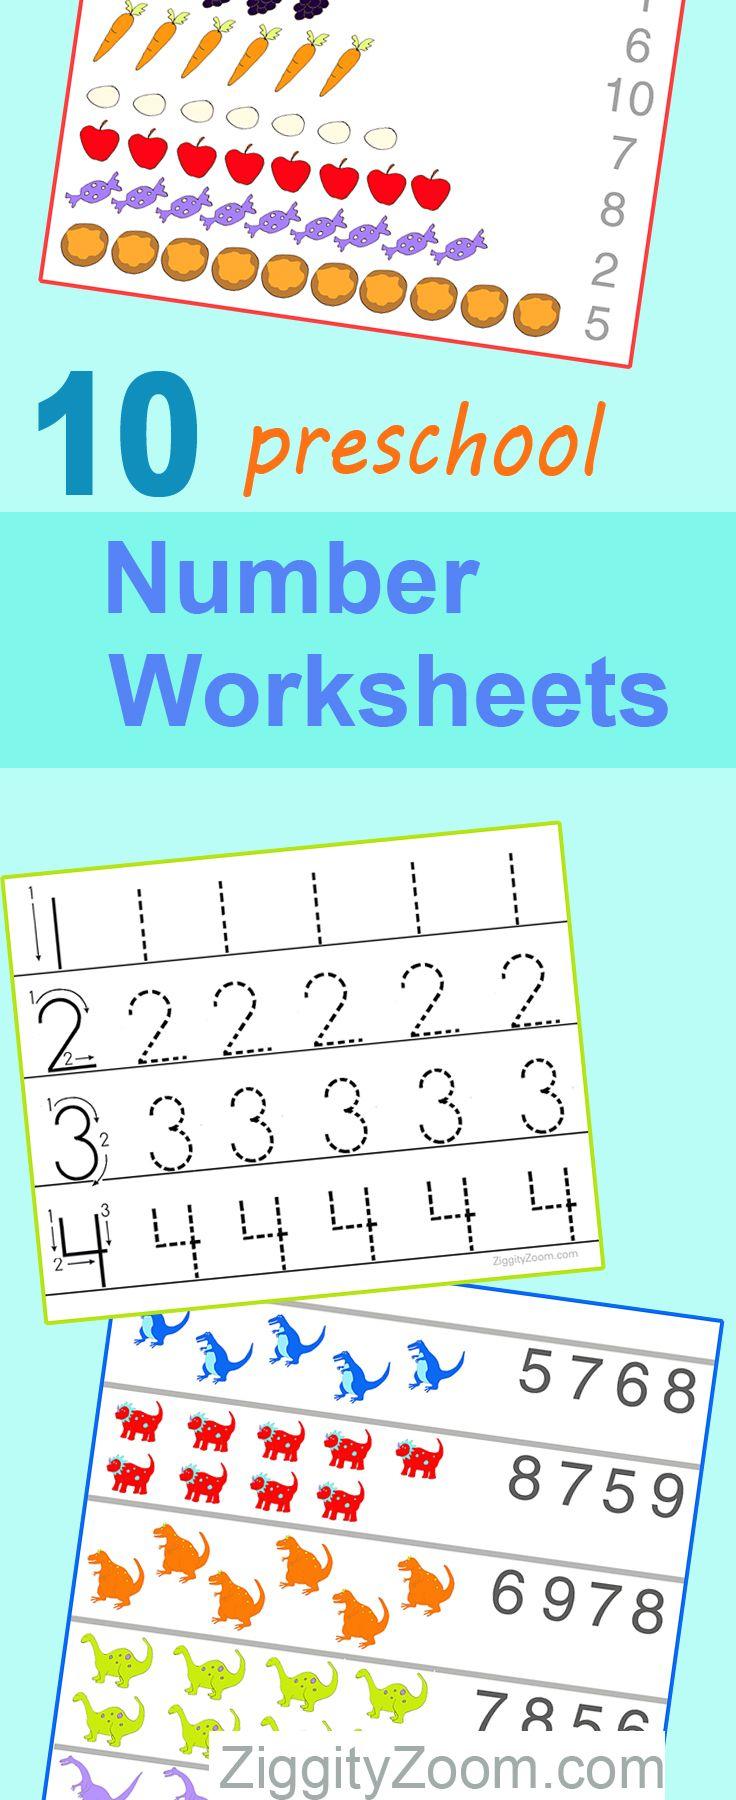 10 Preschool Math Worksheets Number Recognition Flashcards Tracing Preschool Math Worksheets Math Activities Preschool Preschool Math [ 1800 x 736 Pixel ]